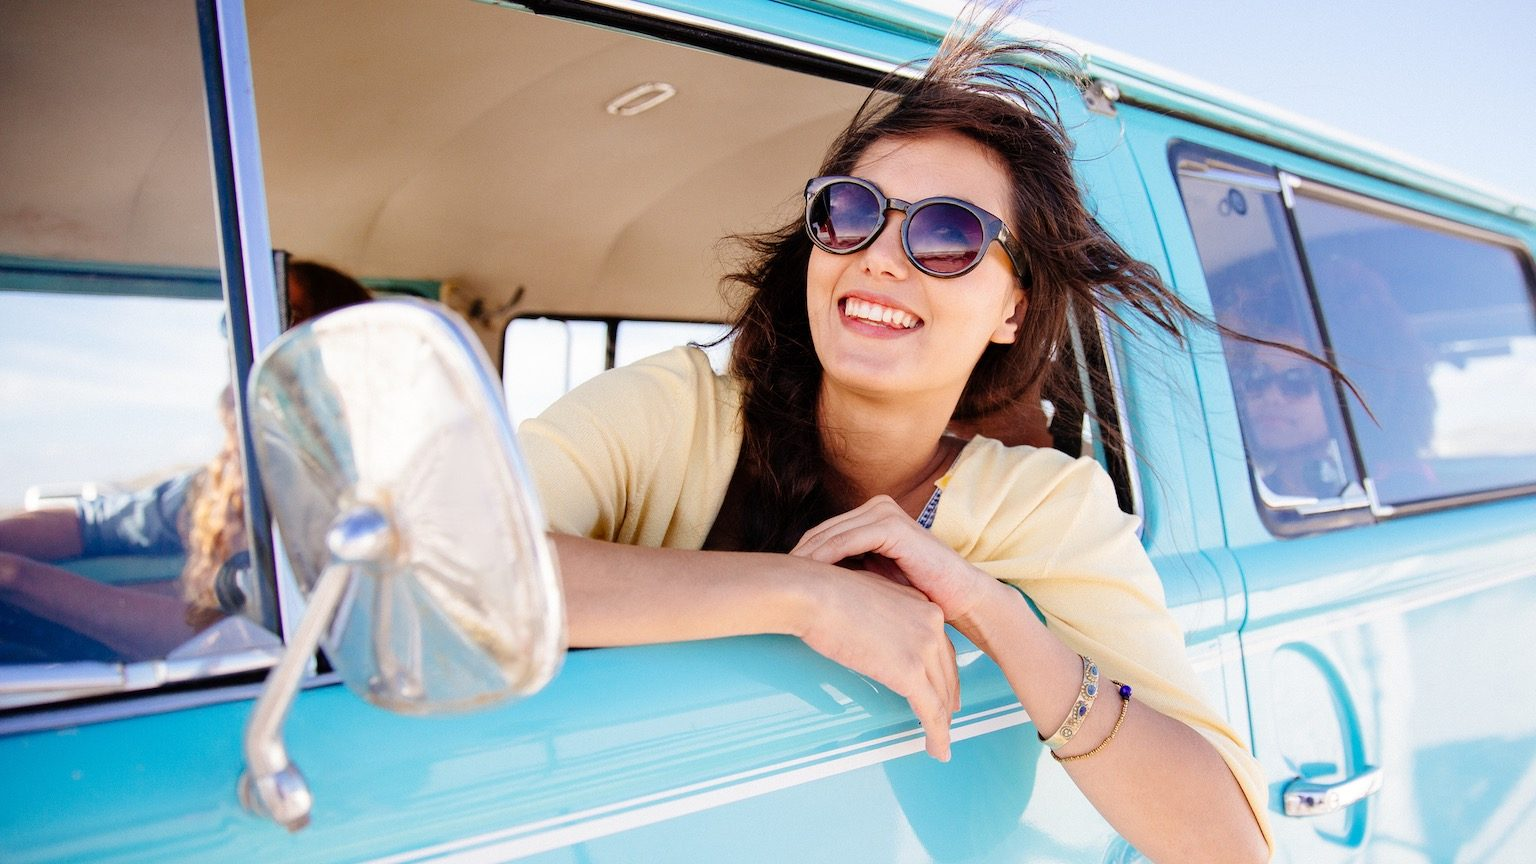 Hipster girl in car